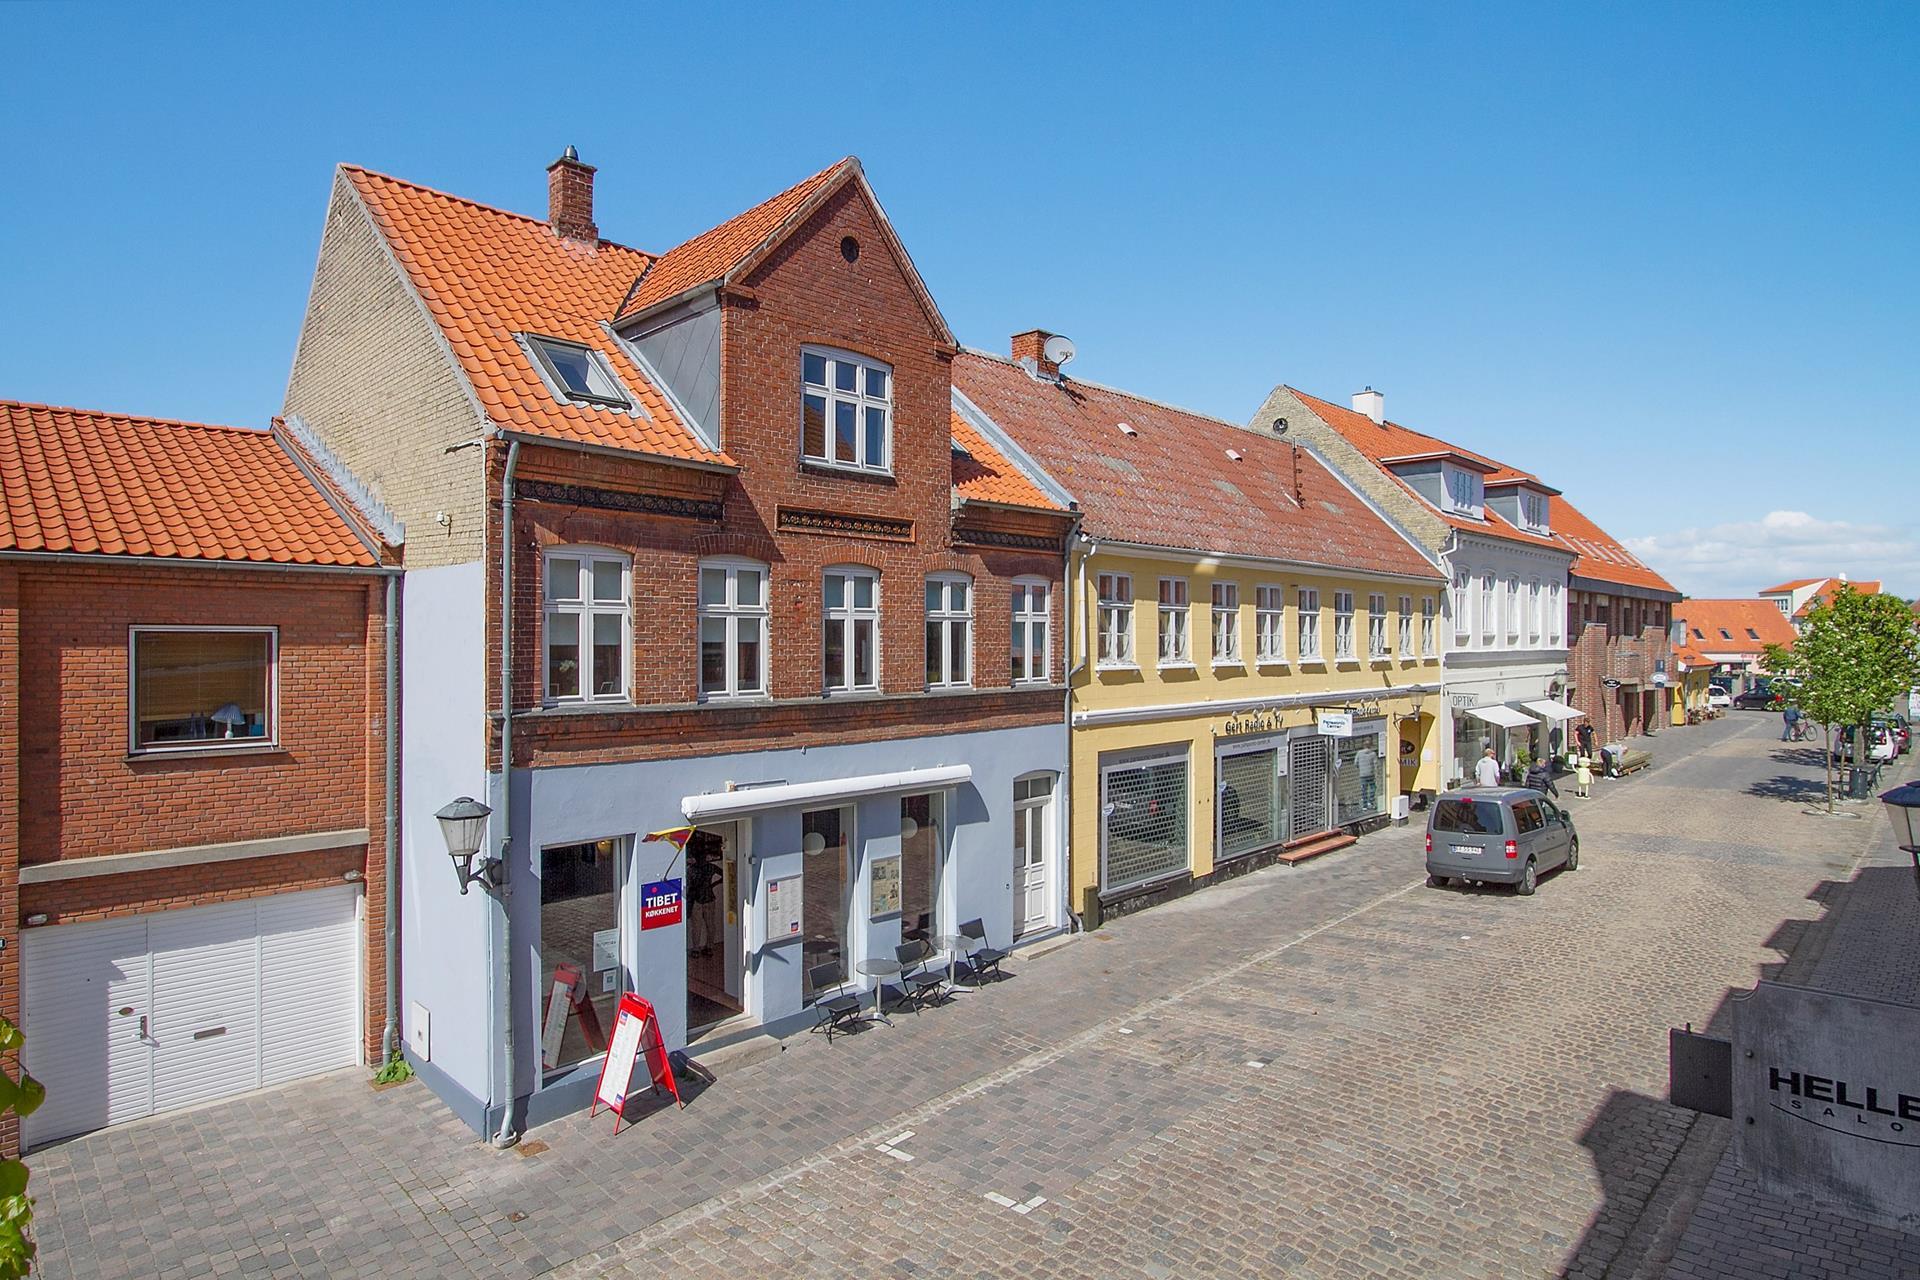 Bolig/erhverv på Algade i Skælskør - Facade